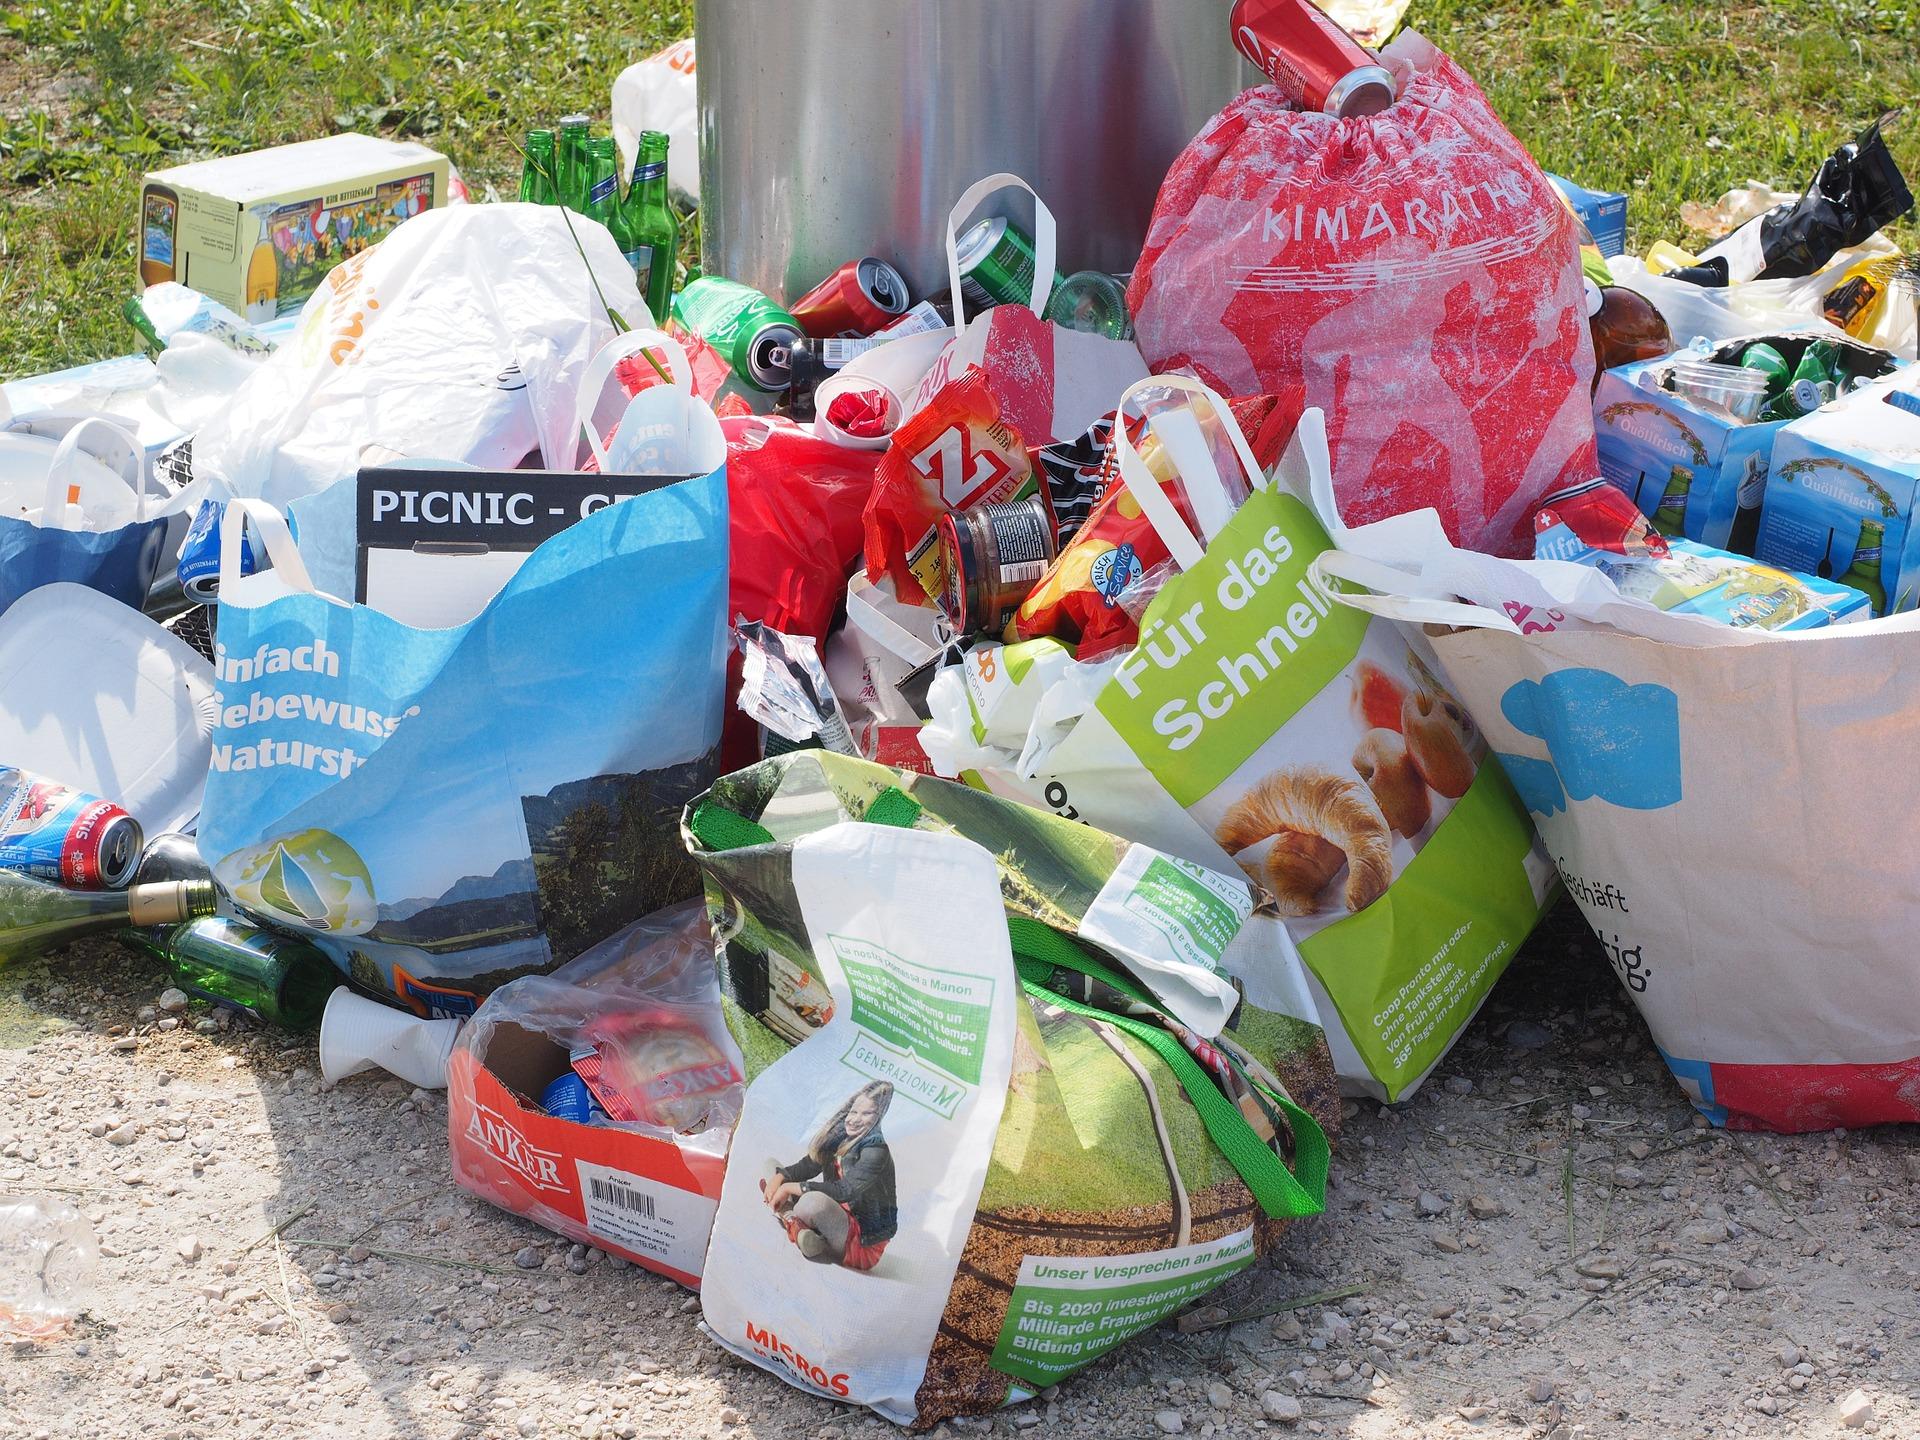 śmieci, odpady, kosz, jednorazówki, torby, opakowania